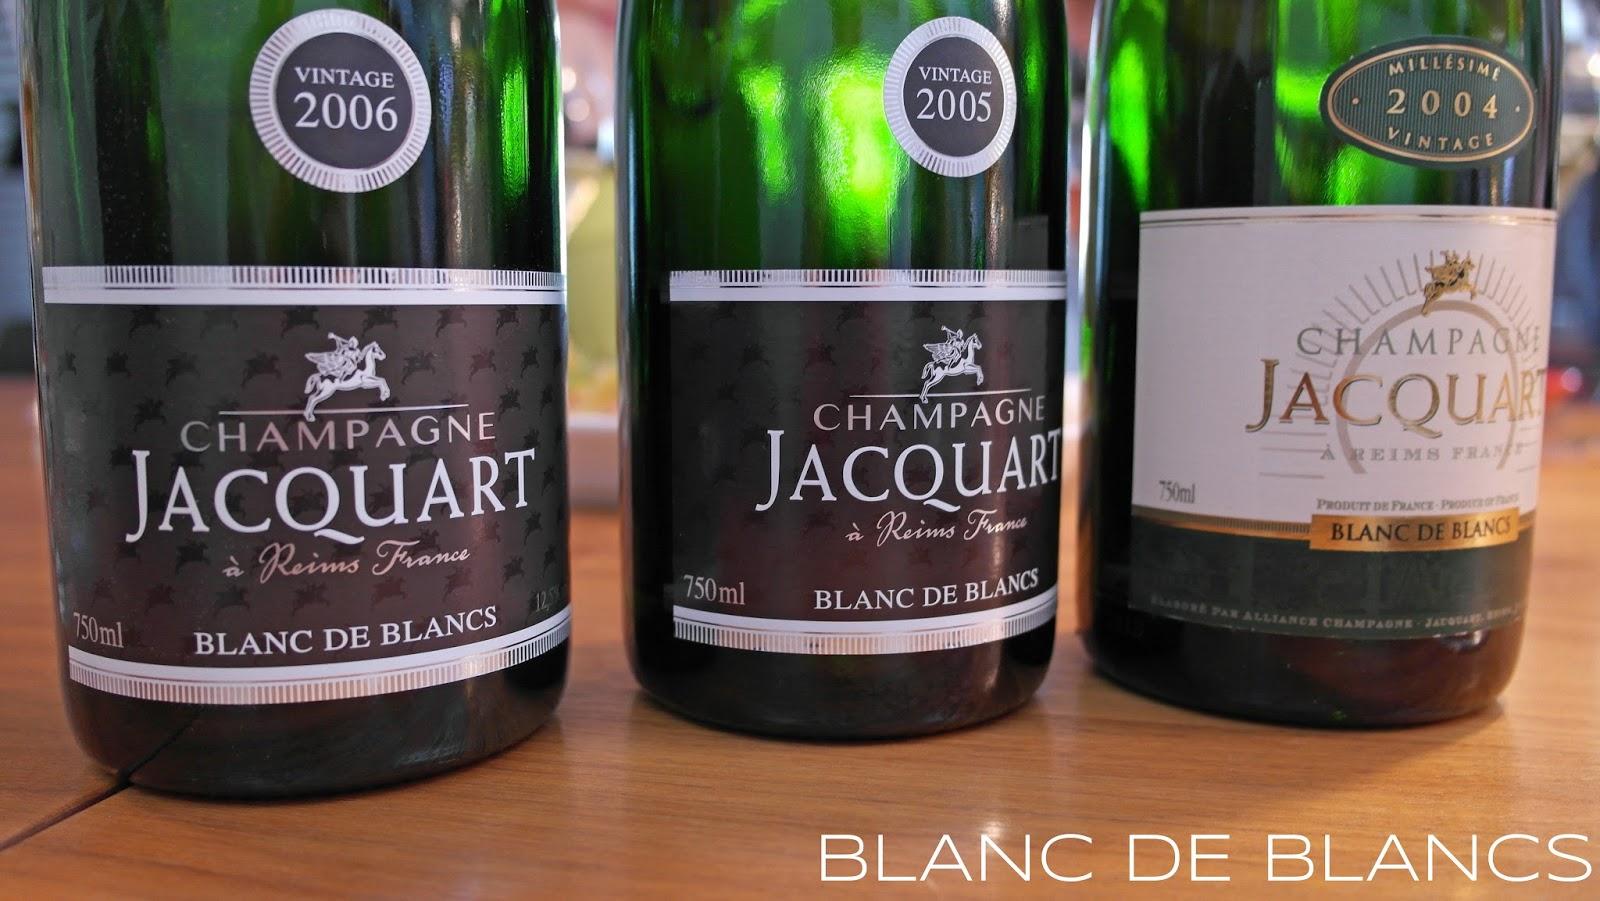 Jacquart Blanc de Blancs - www.blancdeblancs.fi